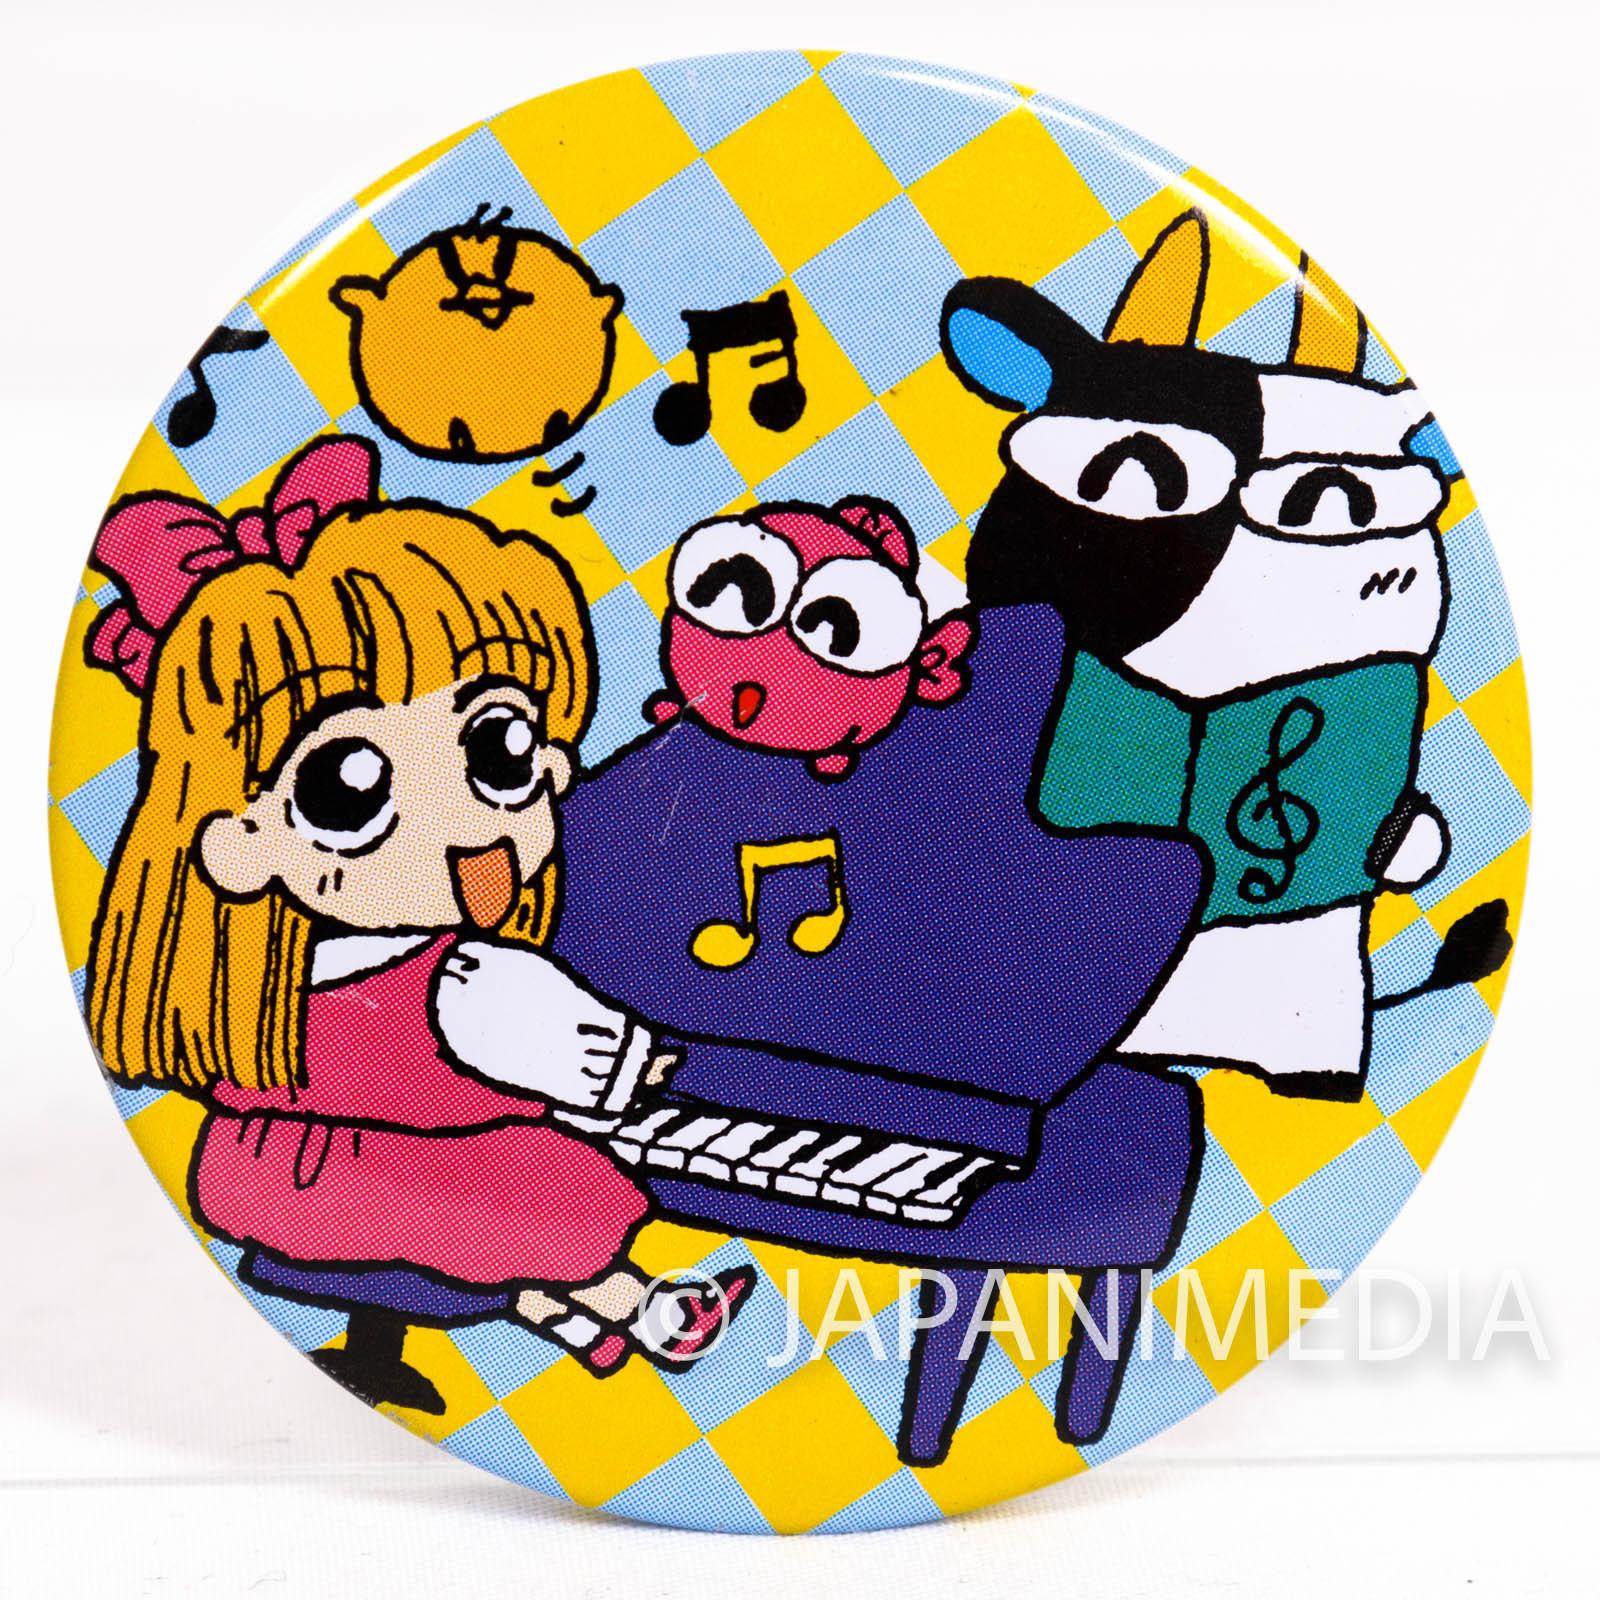 RARE! Goldfish Warning! Button Badge #3 JAPAN ANIME MANGA